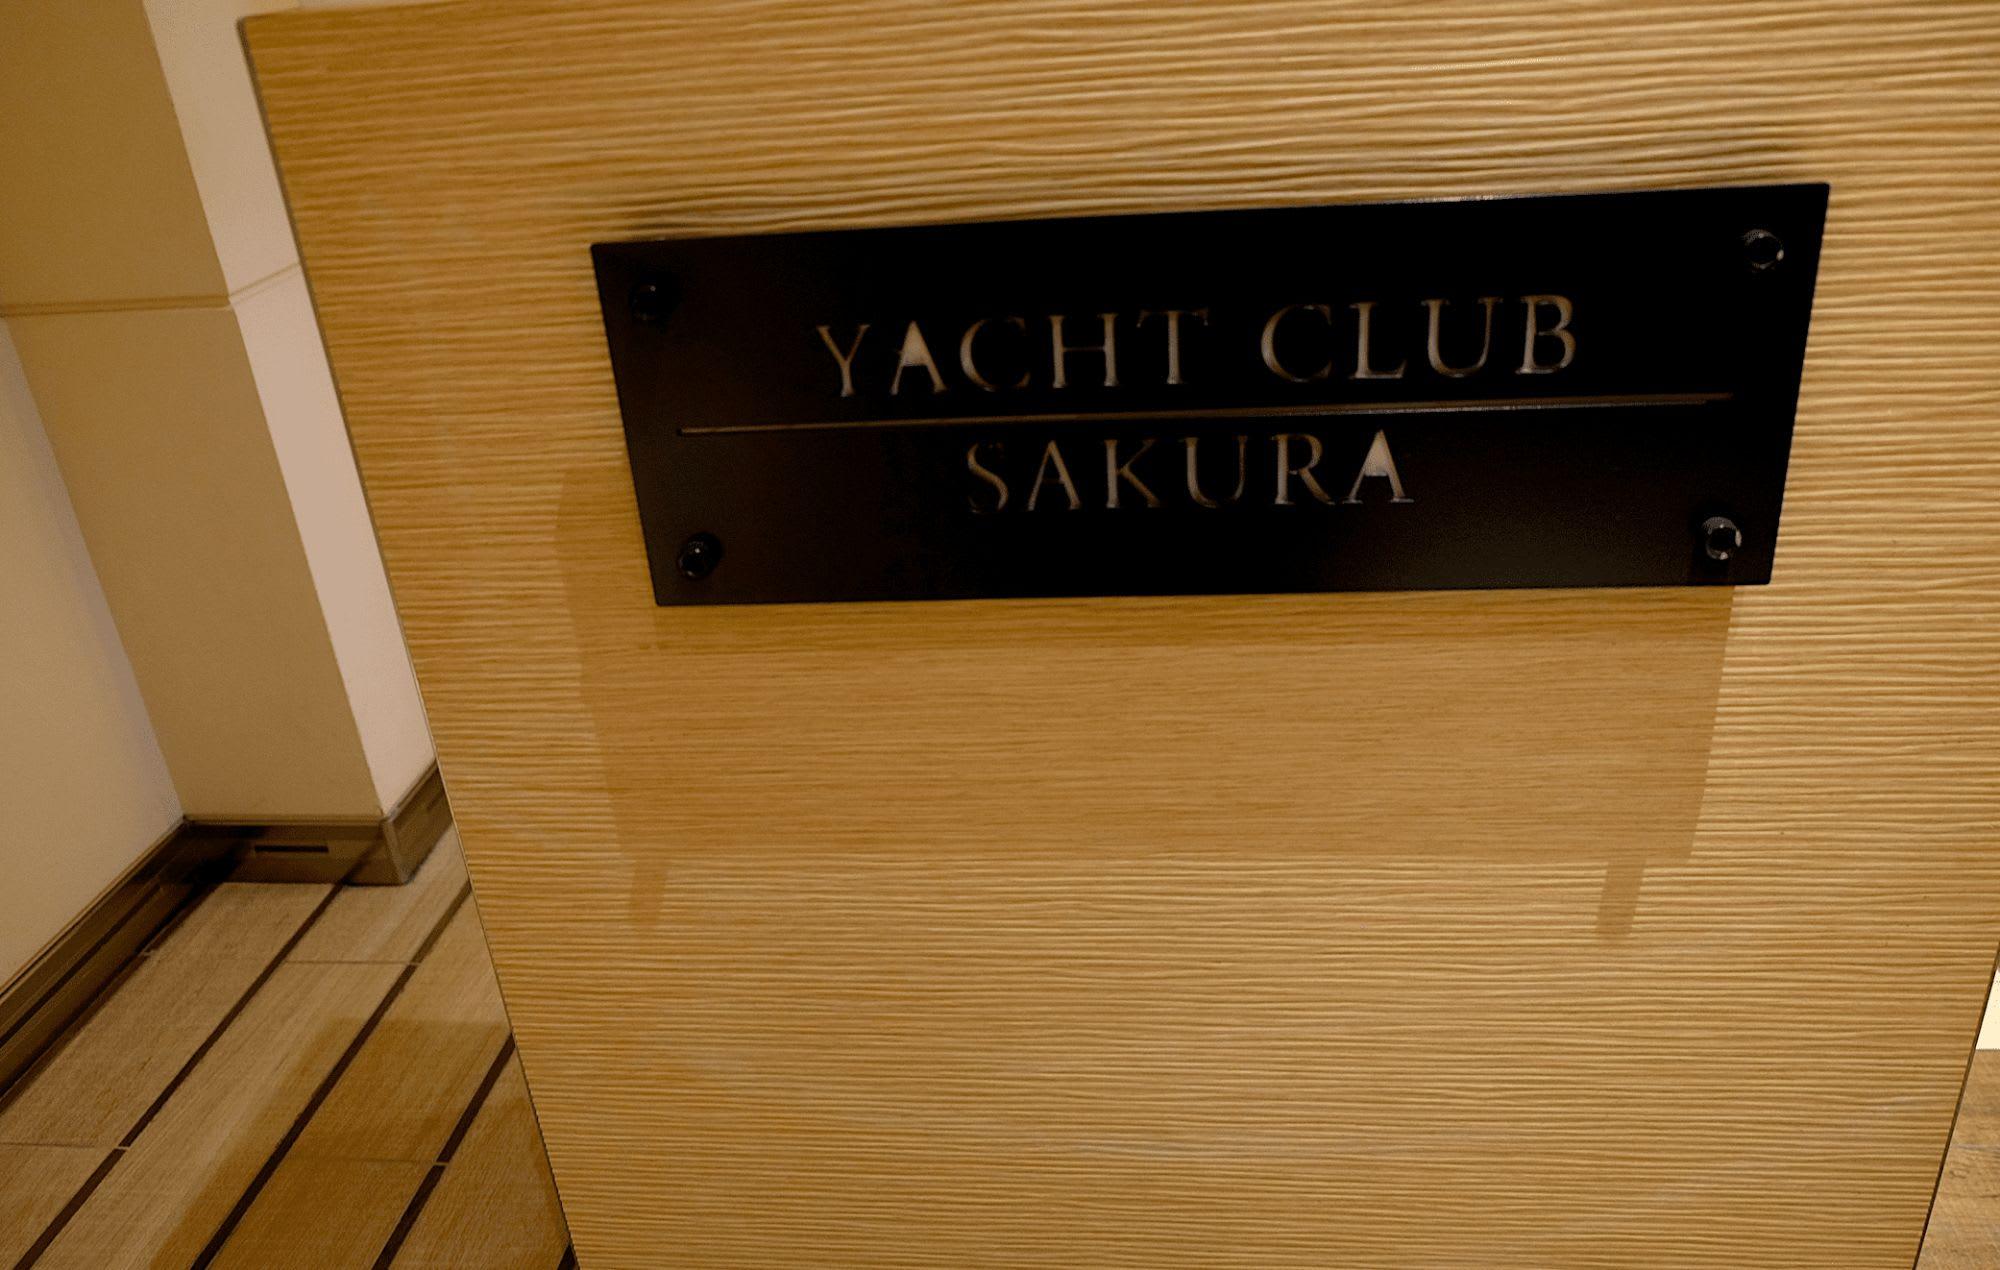 サクラ・レストラン/ヨット・クラブ(ブッフェ)